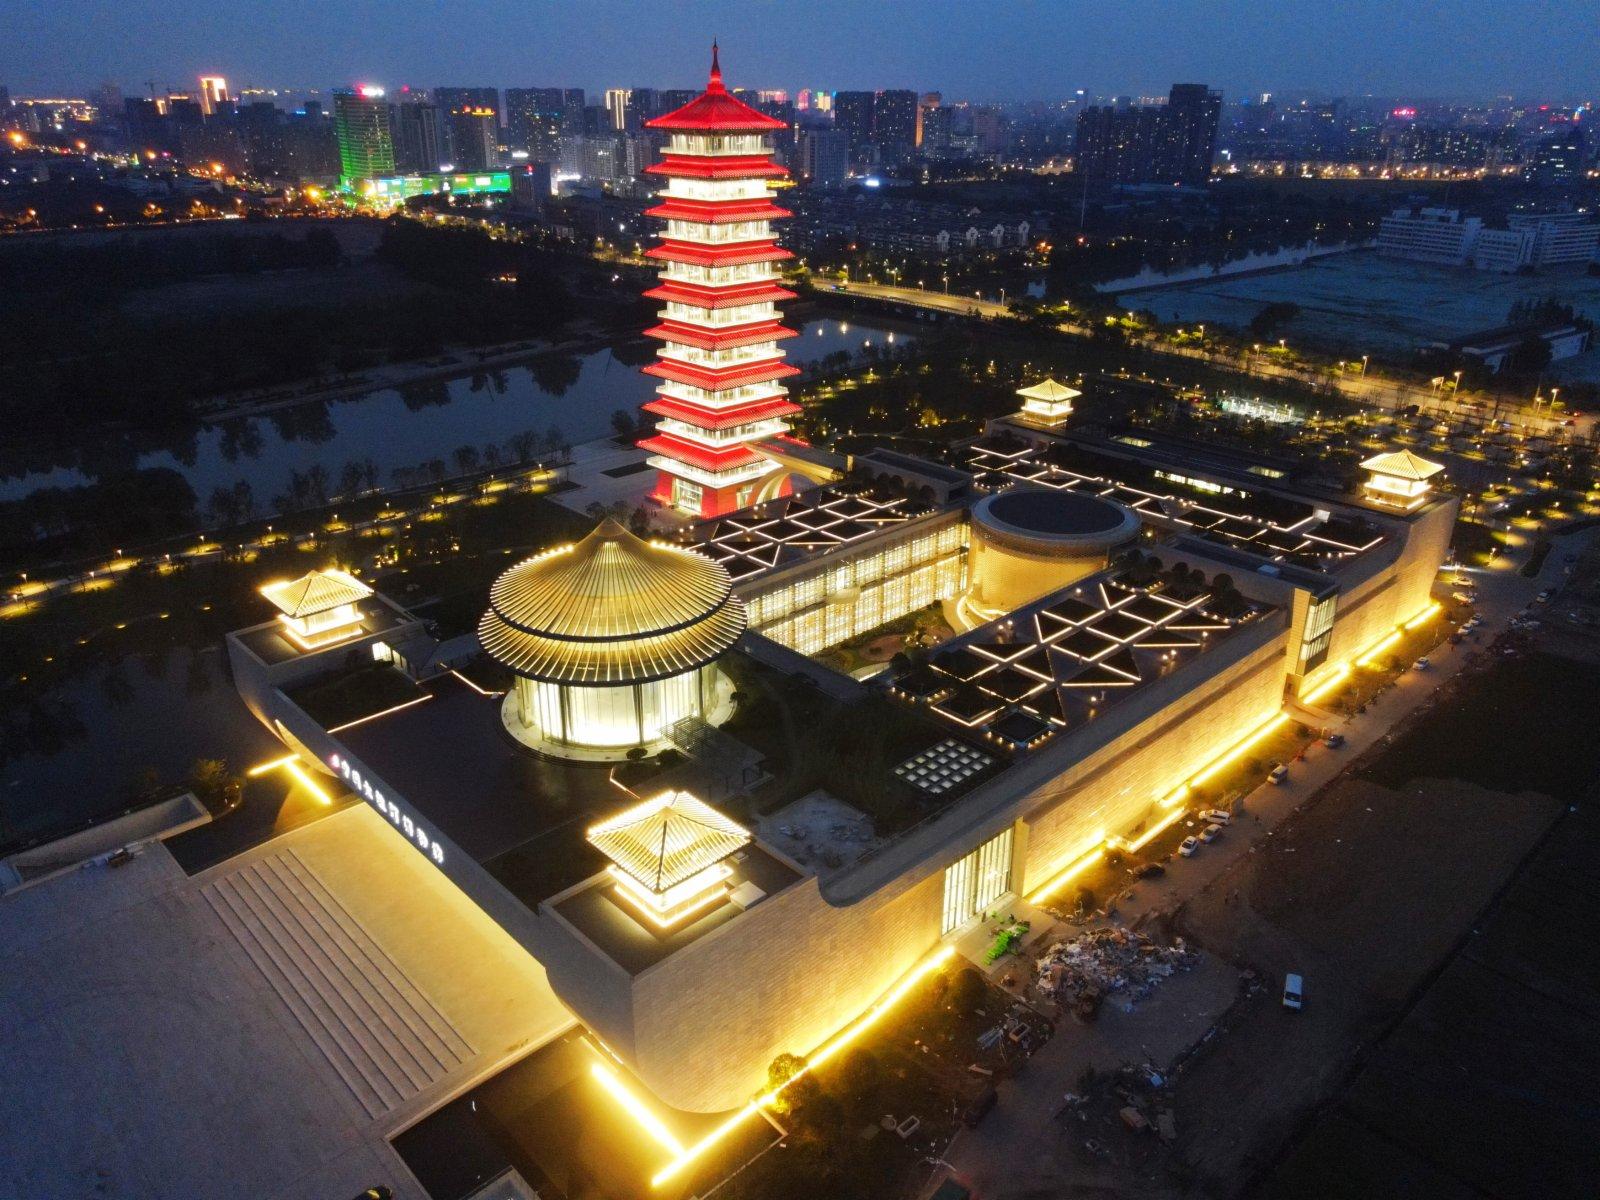 6月8日拍攝的揚州中國大運河博物館夜景(無人機照片)。(新華社)